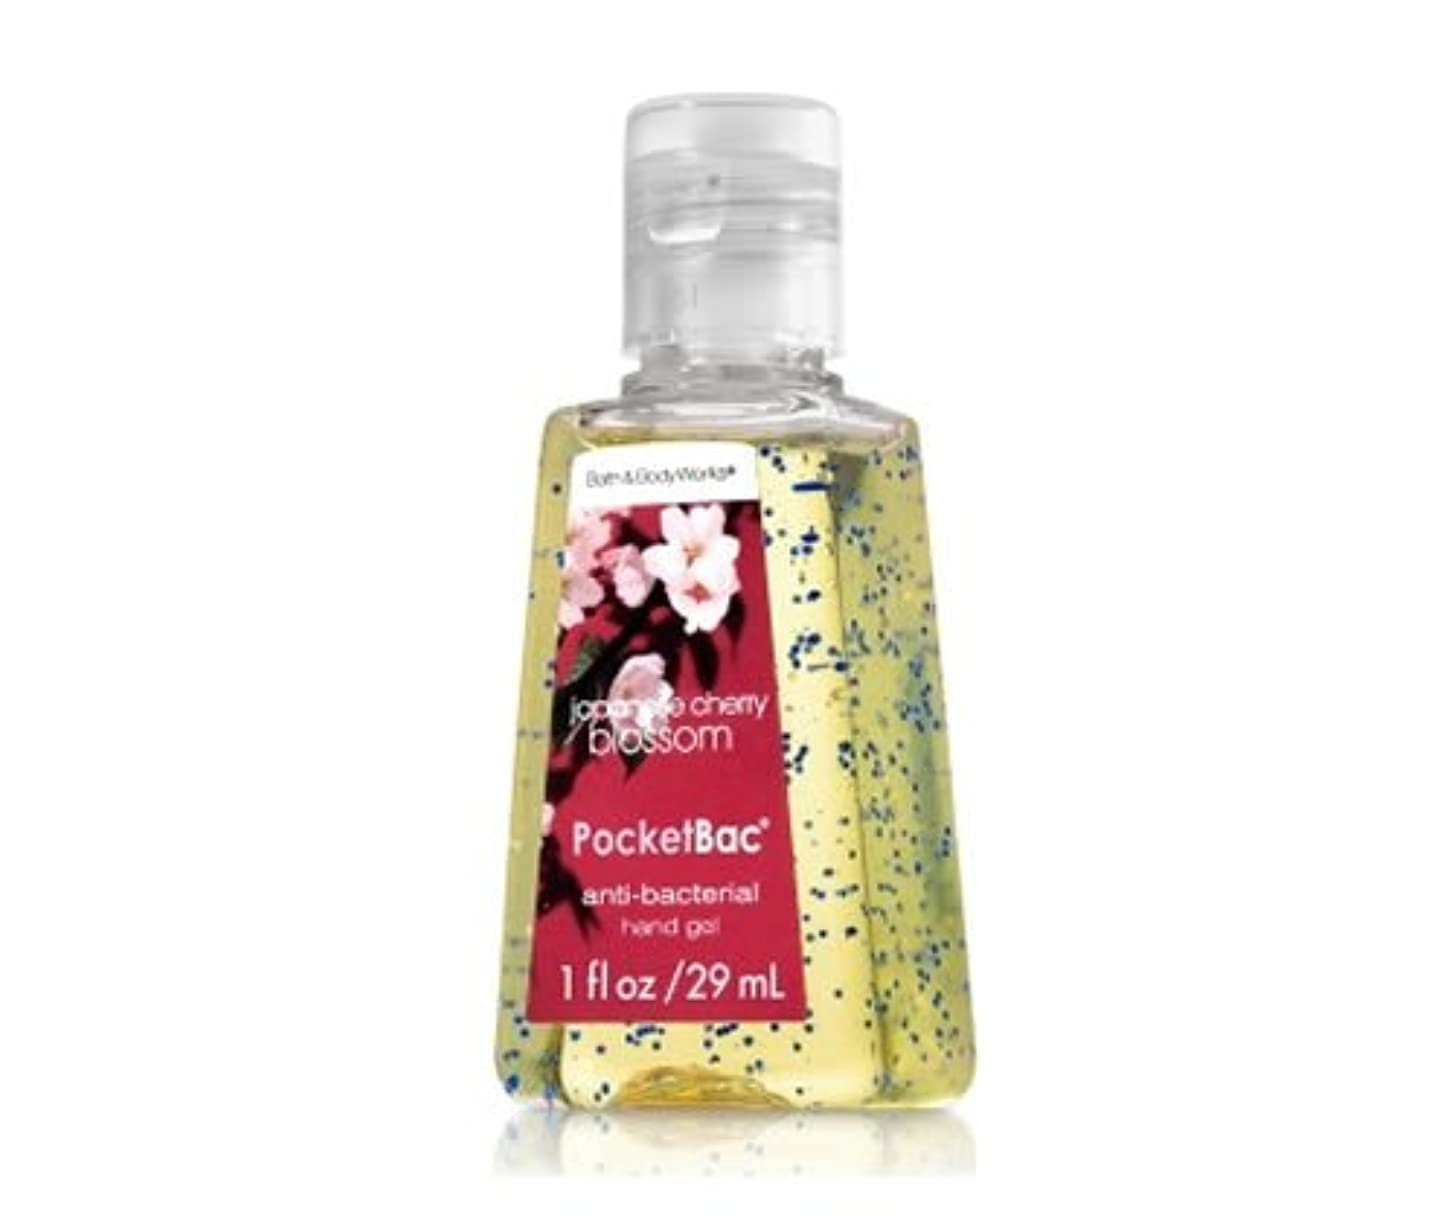 社会主義者ハンドブックと遊ぶバス&ボディワークス ハンドジェル 29ml ジャパニーズチェリーブロッサム Bath&Body Works Anti-Bacterial PocketBac Sanitizing Hand Gel Japanese Cherry...